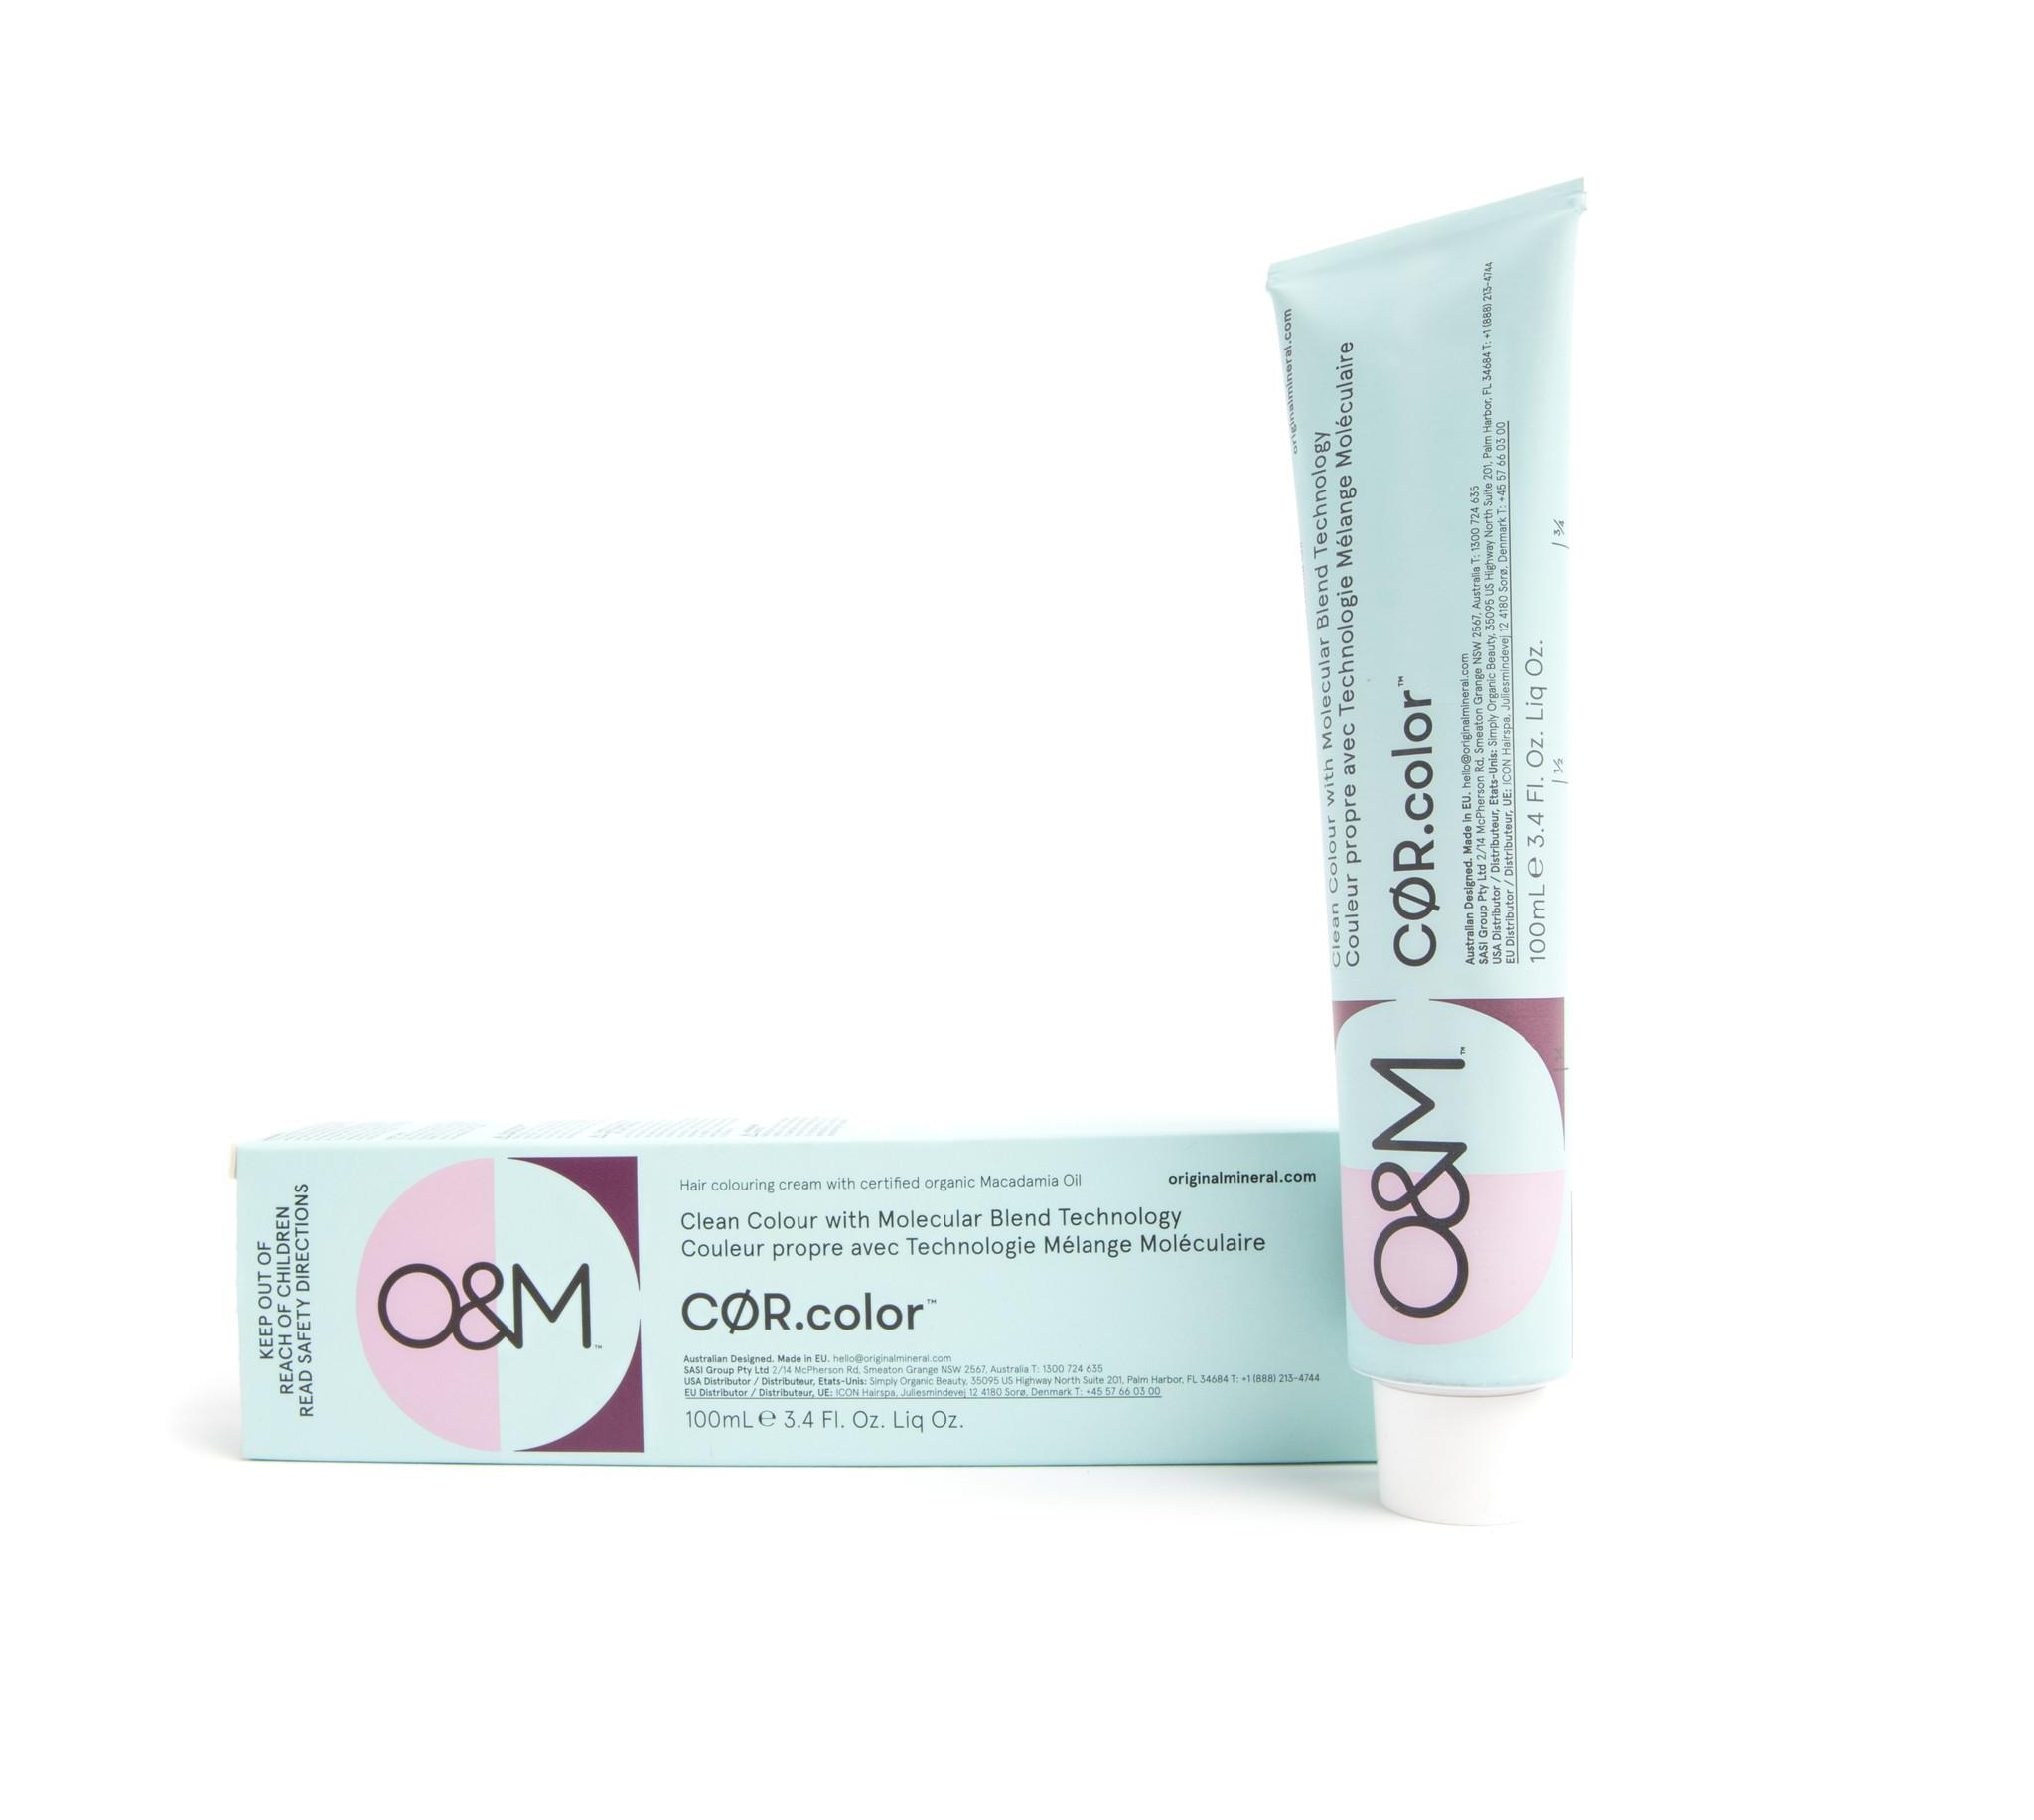 O&M - Original Mineral O&M CØR.color Dark Brunette Blonde 6.7 100g